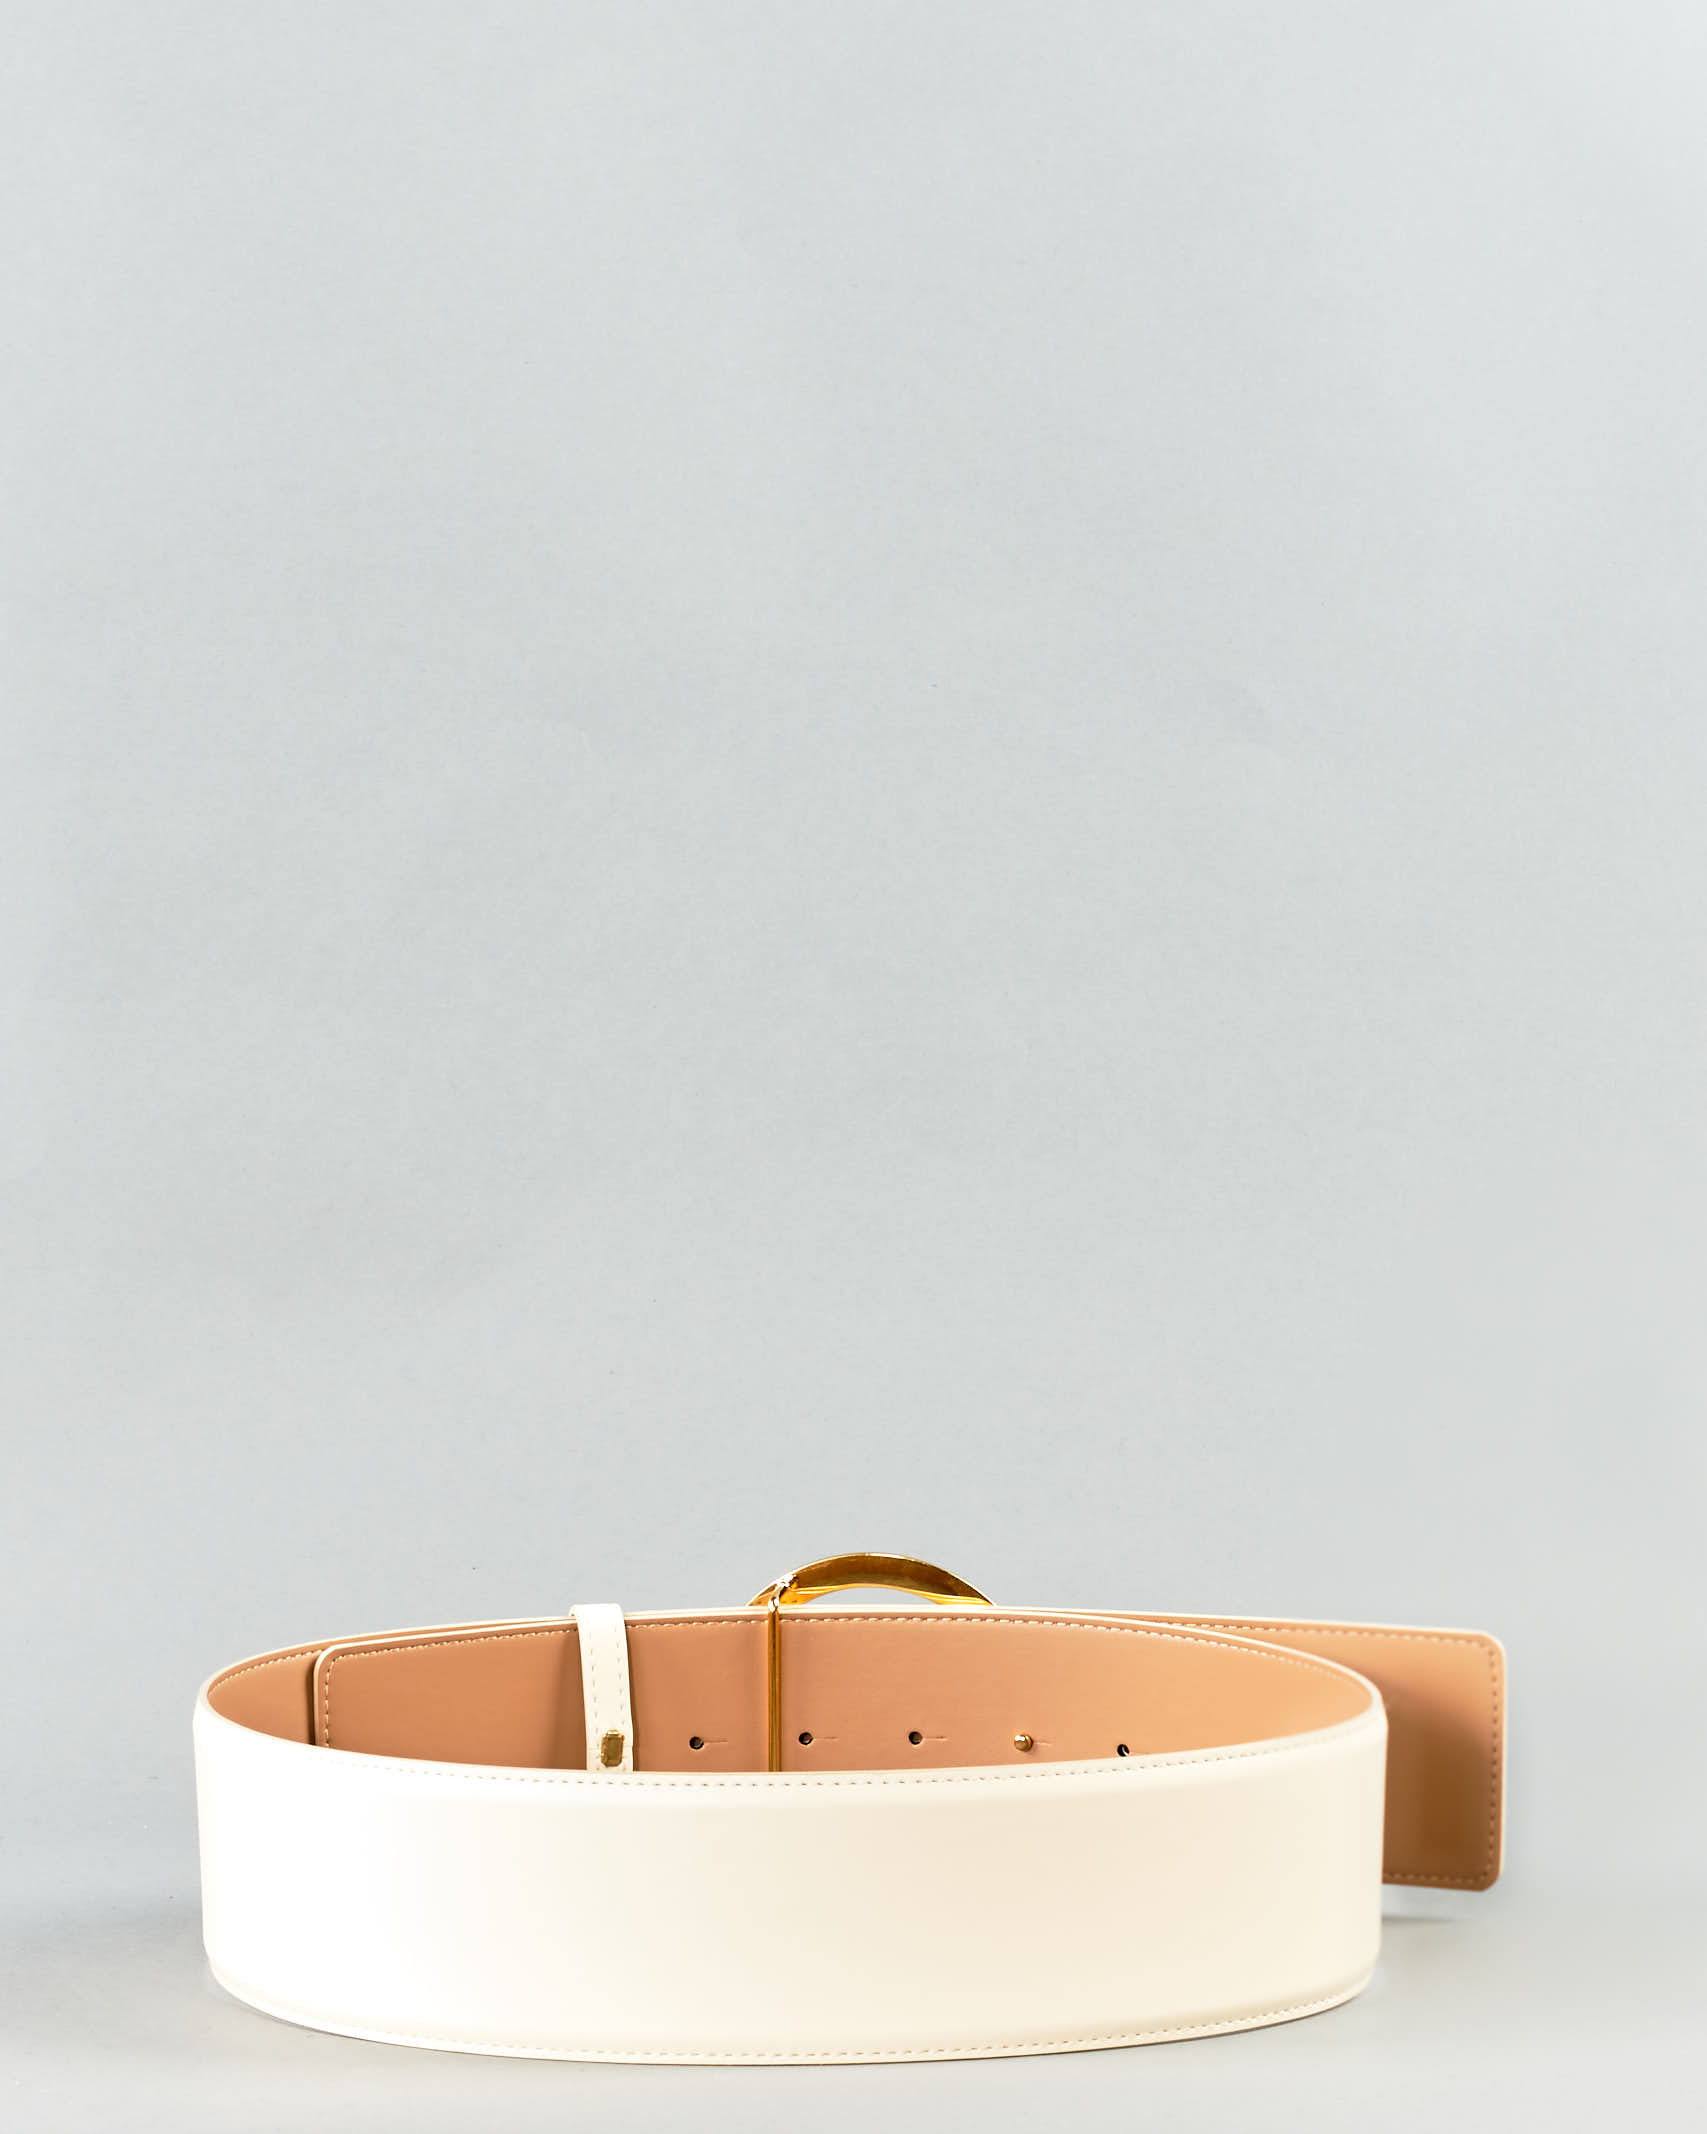 Cintura a vita alta con logo gold Elisabetta Franchi ELISABETTA FRANCHI | Cintura | CT11S11E2193